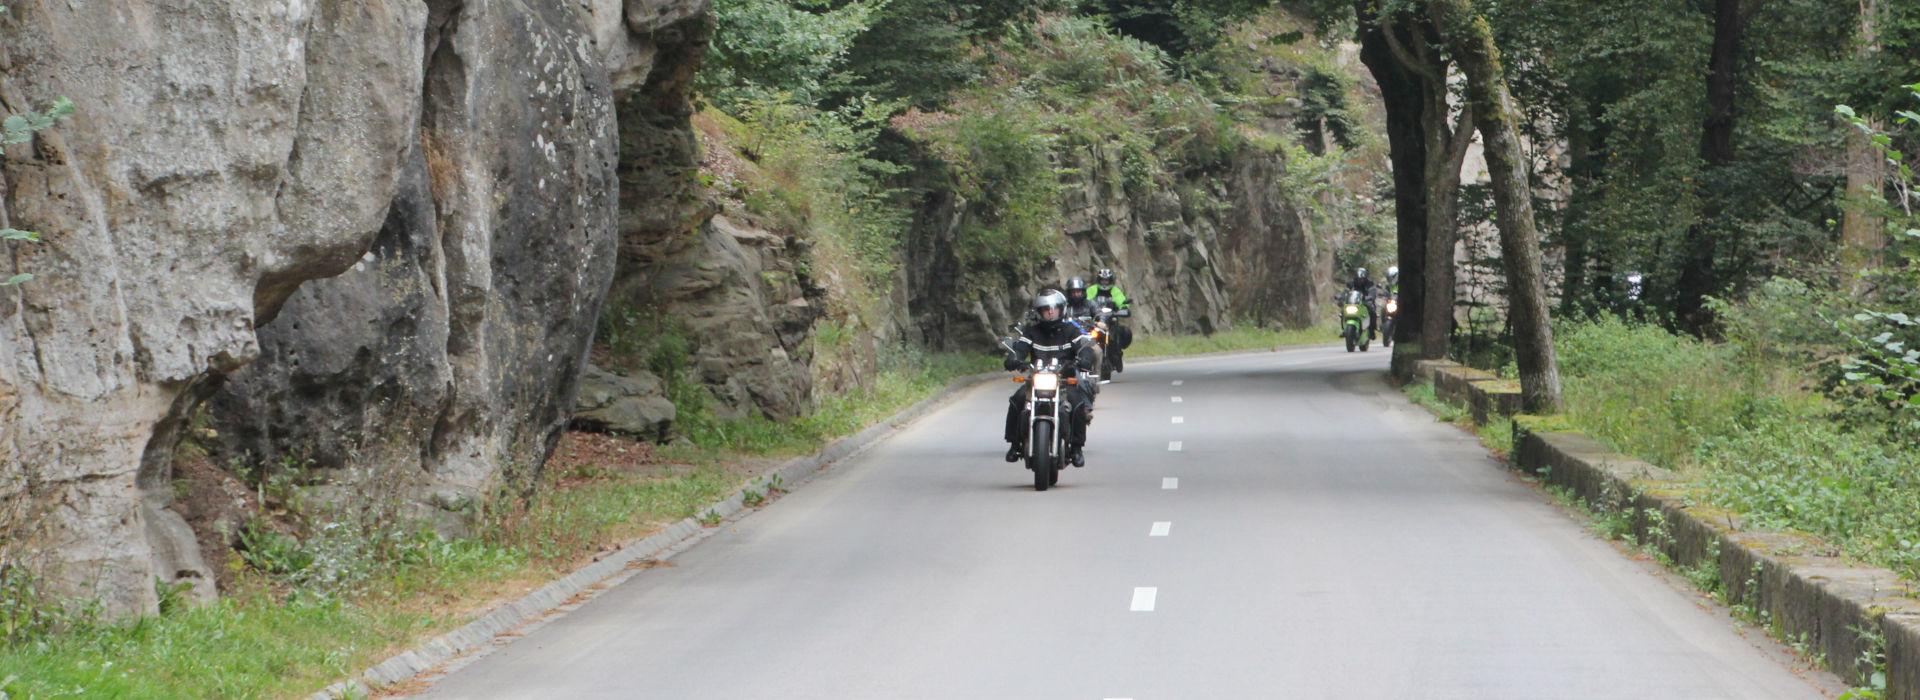 Motorrijbewijspoint Den Oever spoed motorrijbewijs